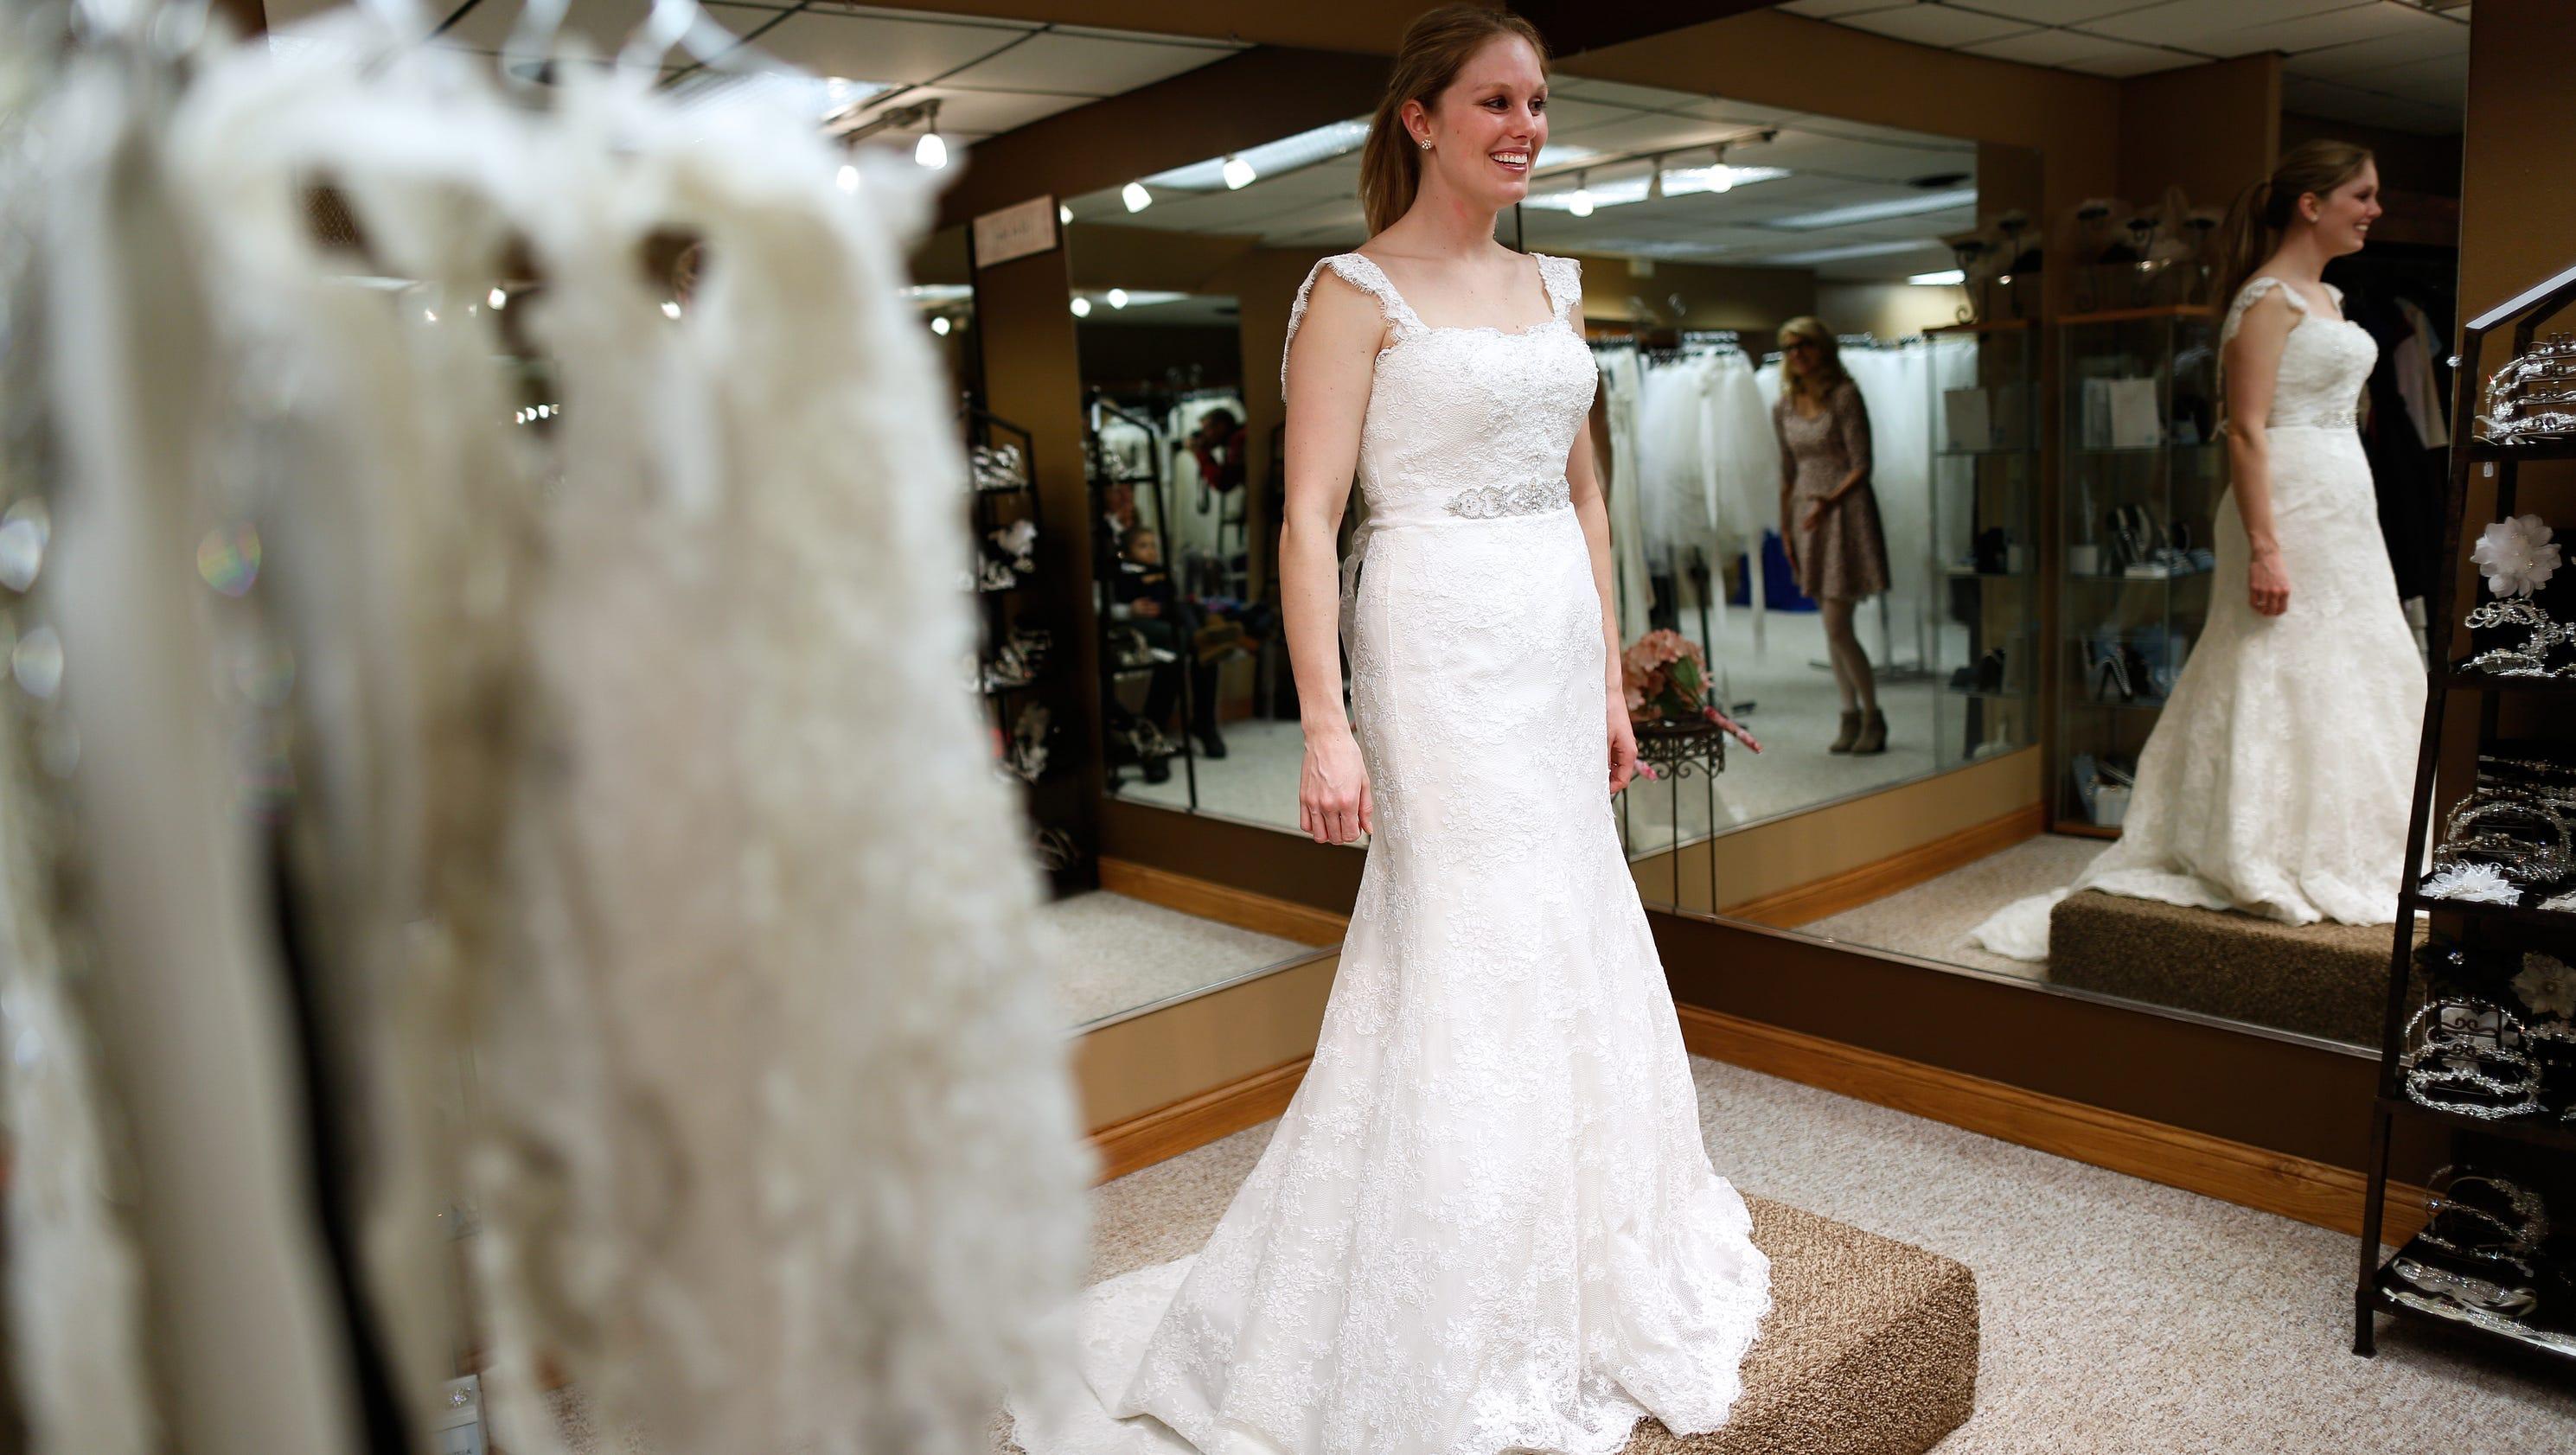 Fantastic wedding dresses green bay inspiration princess for Wedding dresses appleton wi